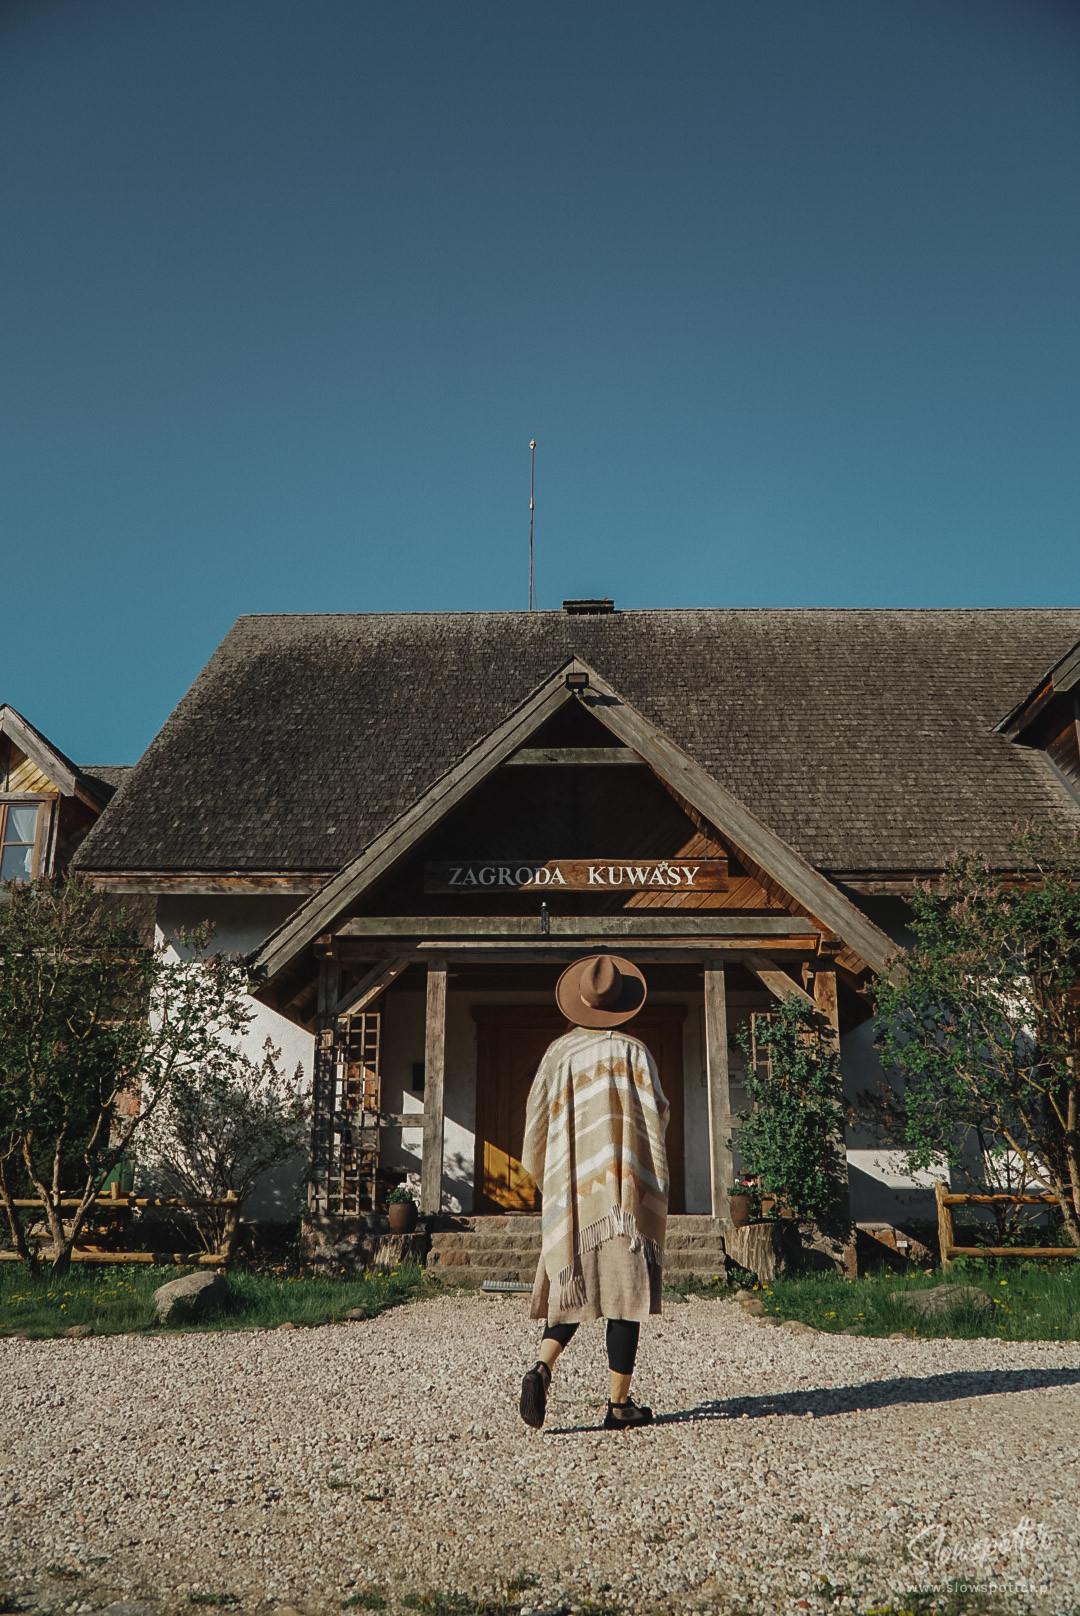 Zagroda Kuwasy Podlasie Biebrzański Park Narodowy Slowspotter